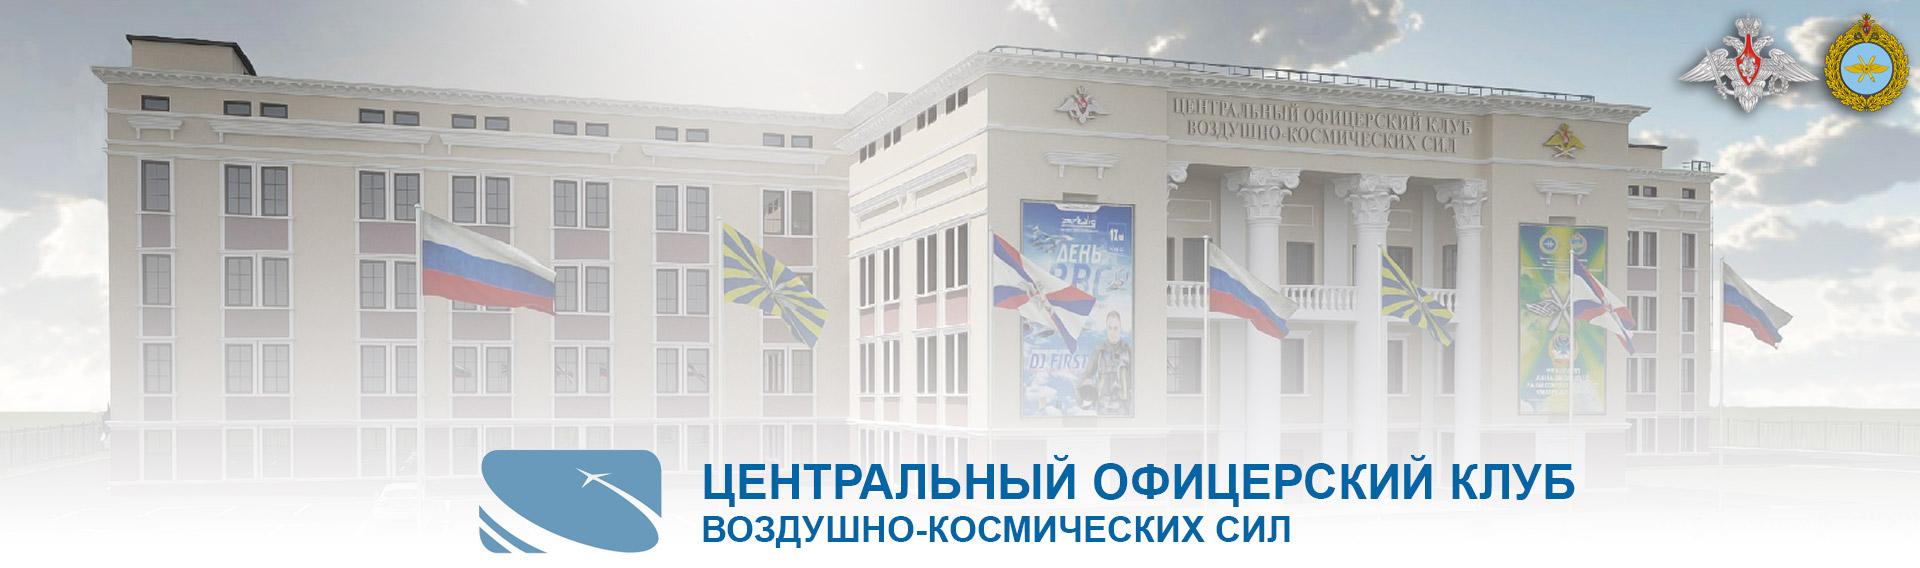 Центральный офицерский клуб Воздушно-космических сил